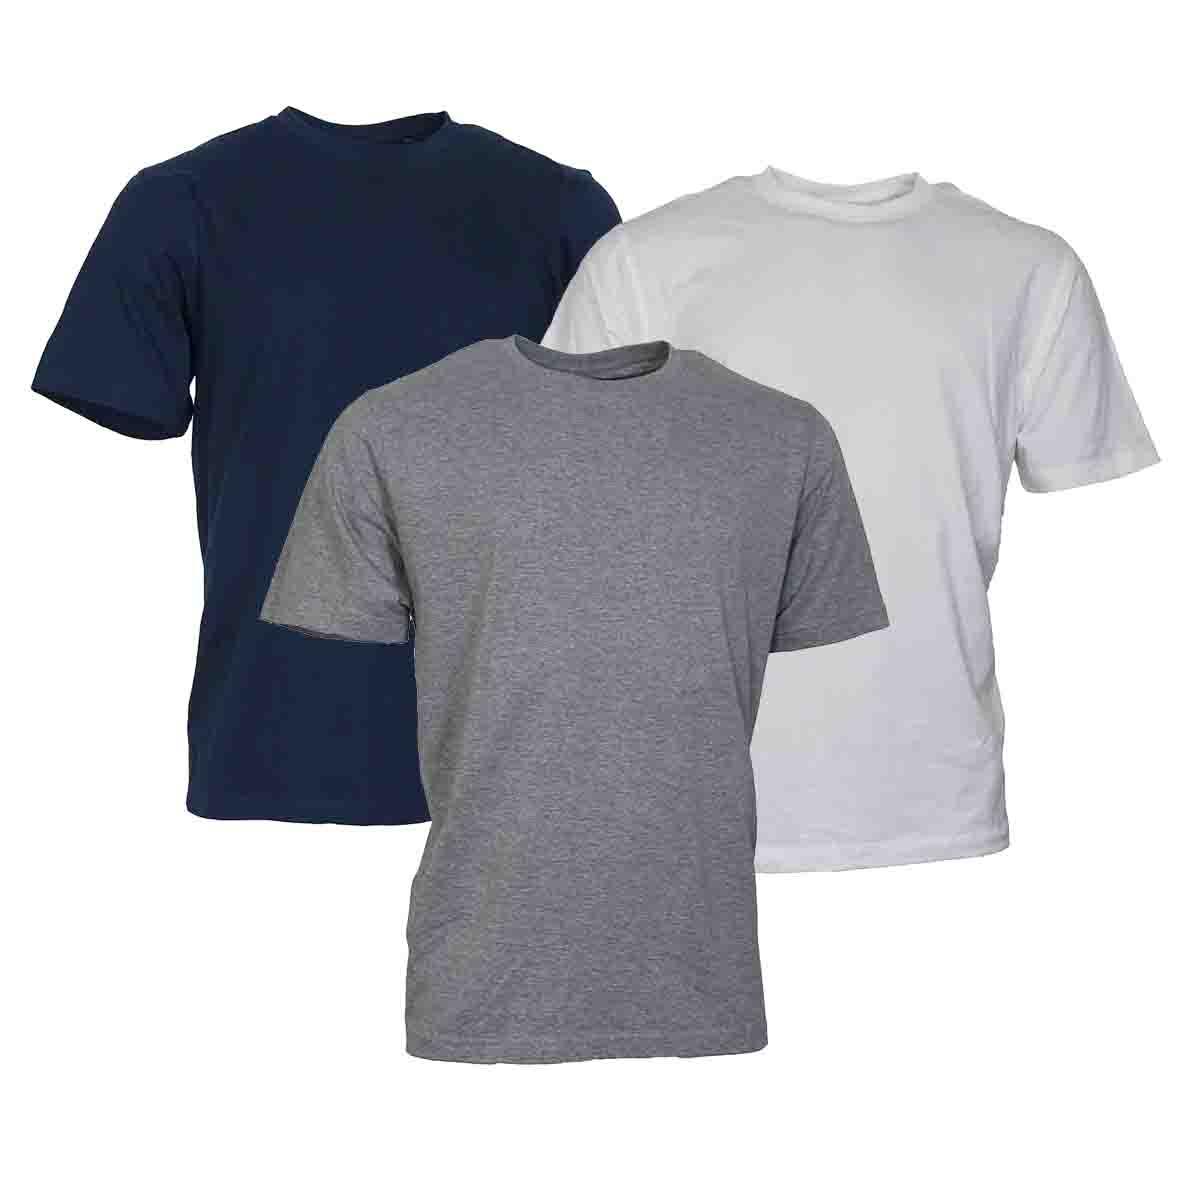 T-shirts model 111